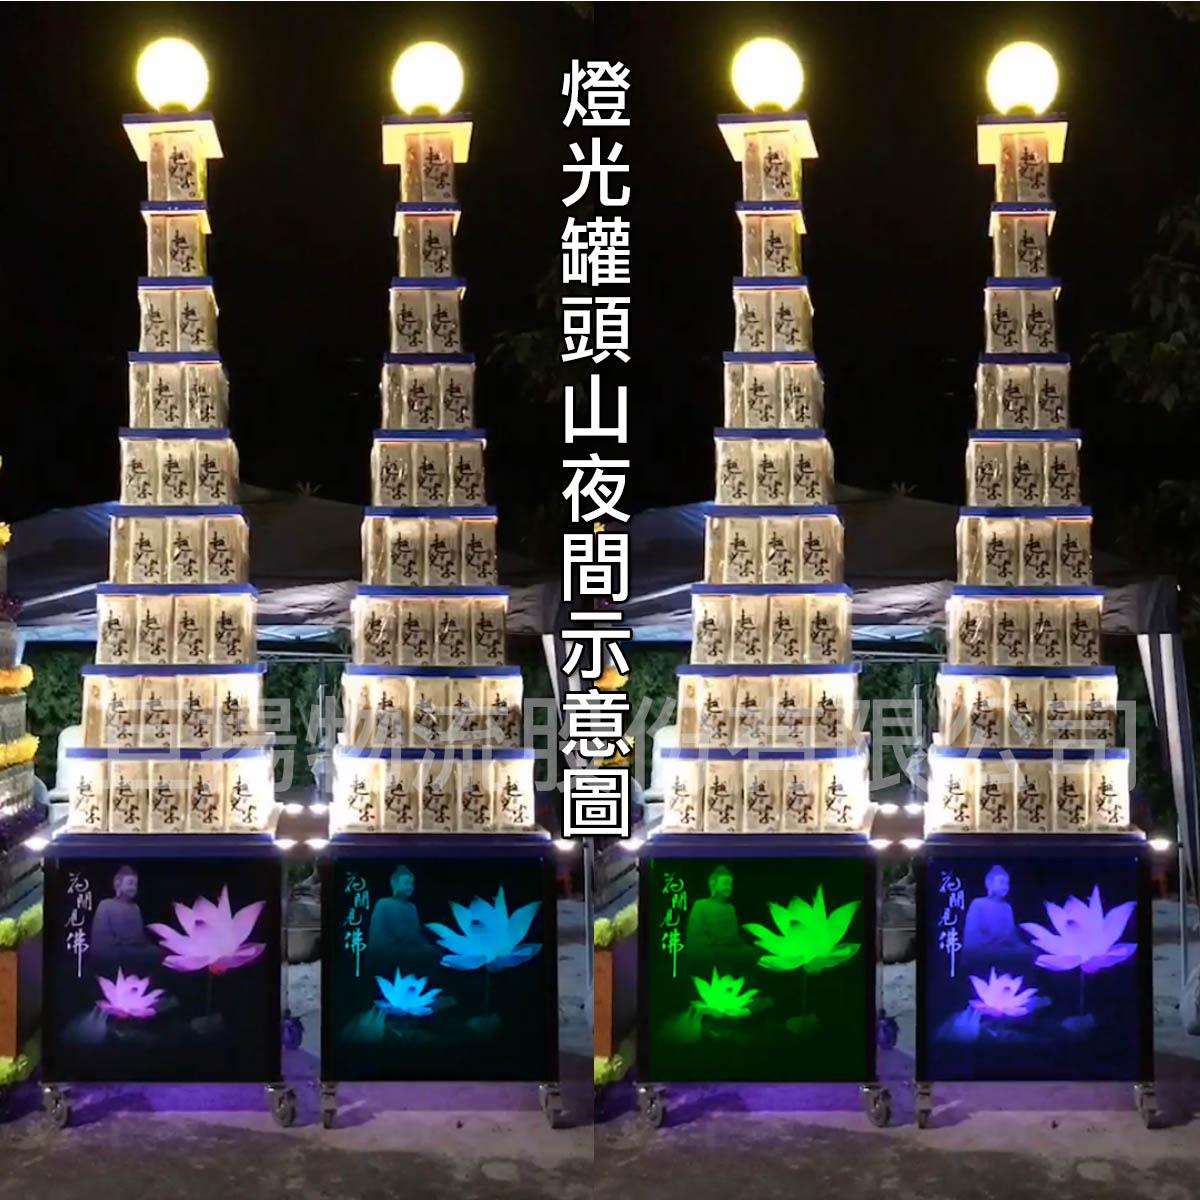 五層大牌飲料燈光罐頭塔蓮花led燈光柱1